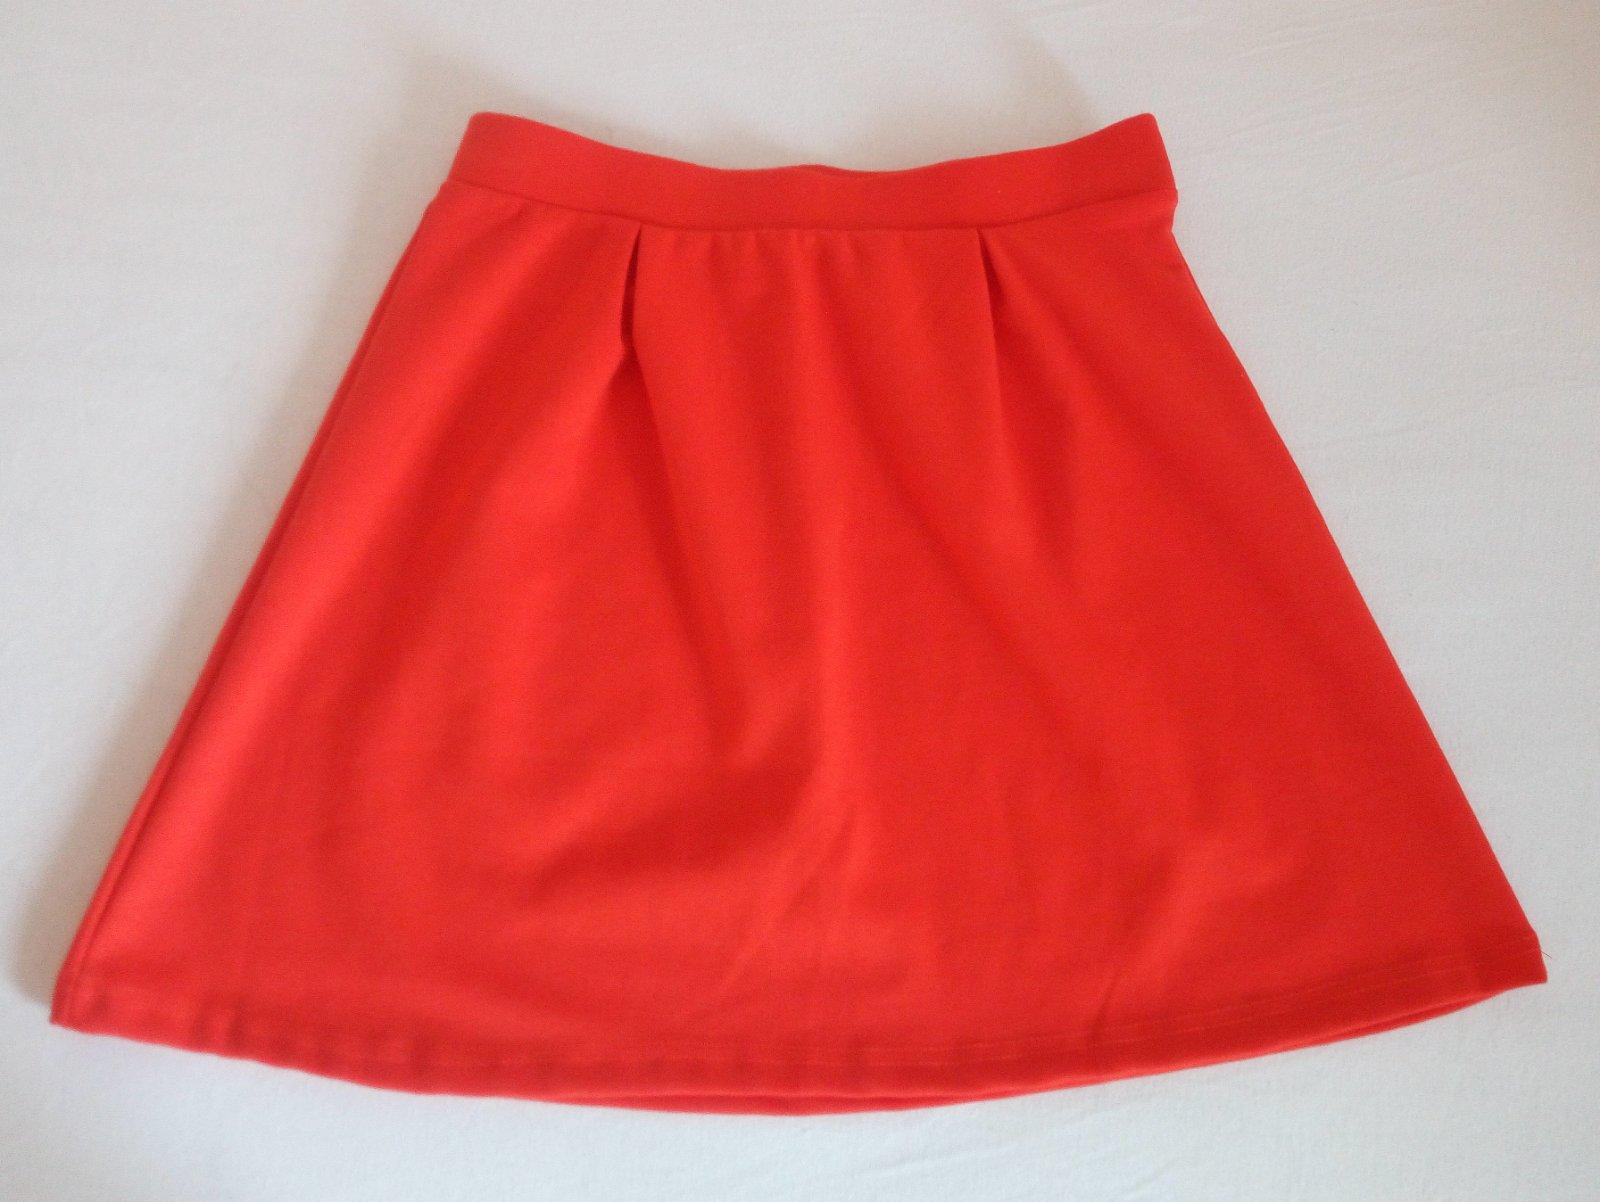 Červená áčková sukňa Gate S - Obrázok č. 1